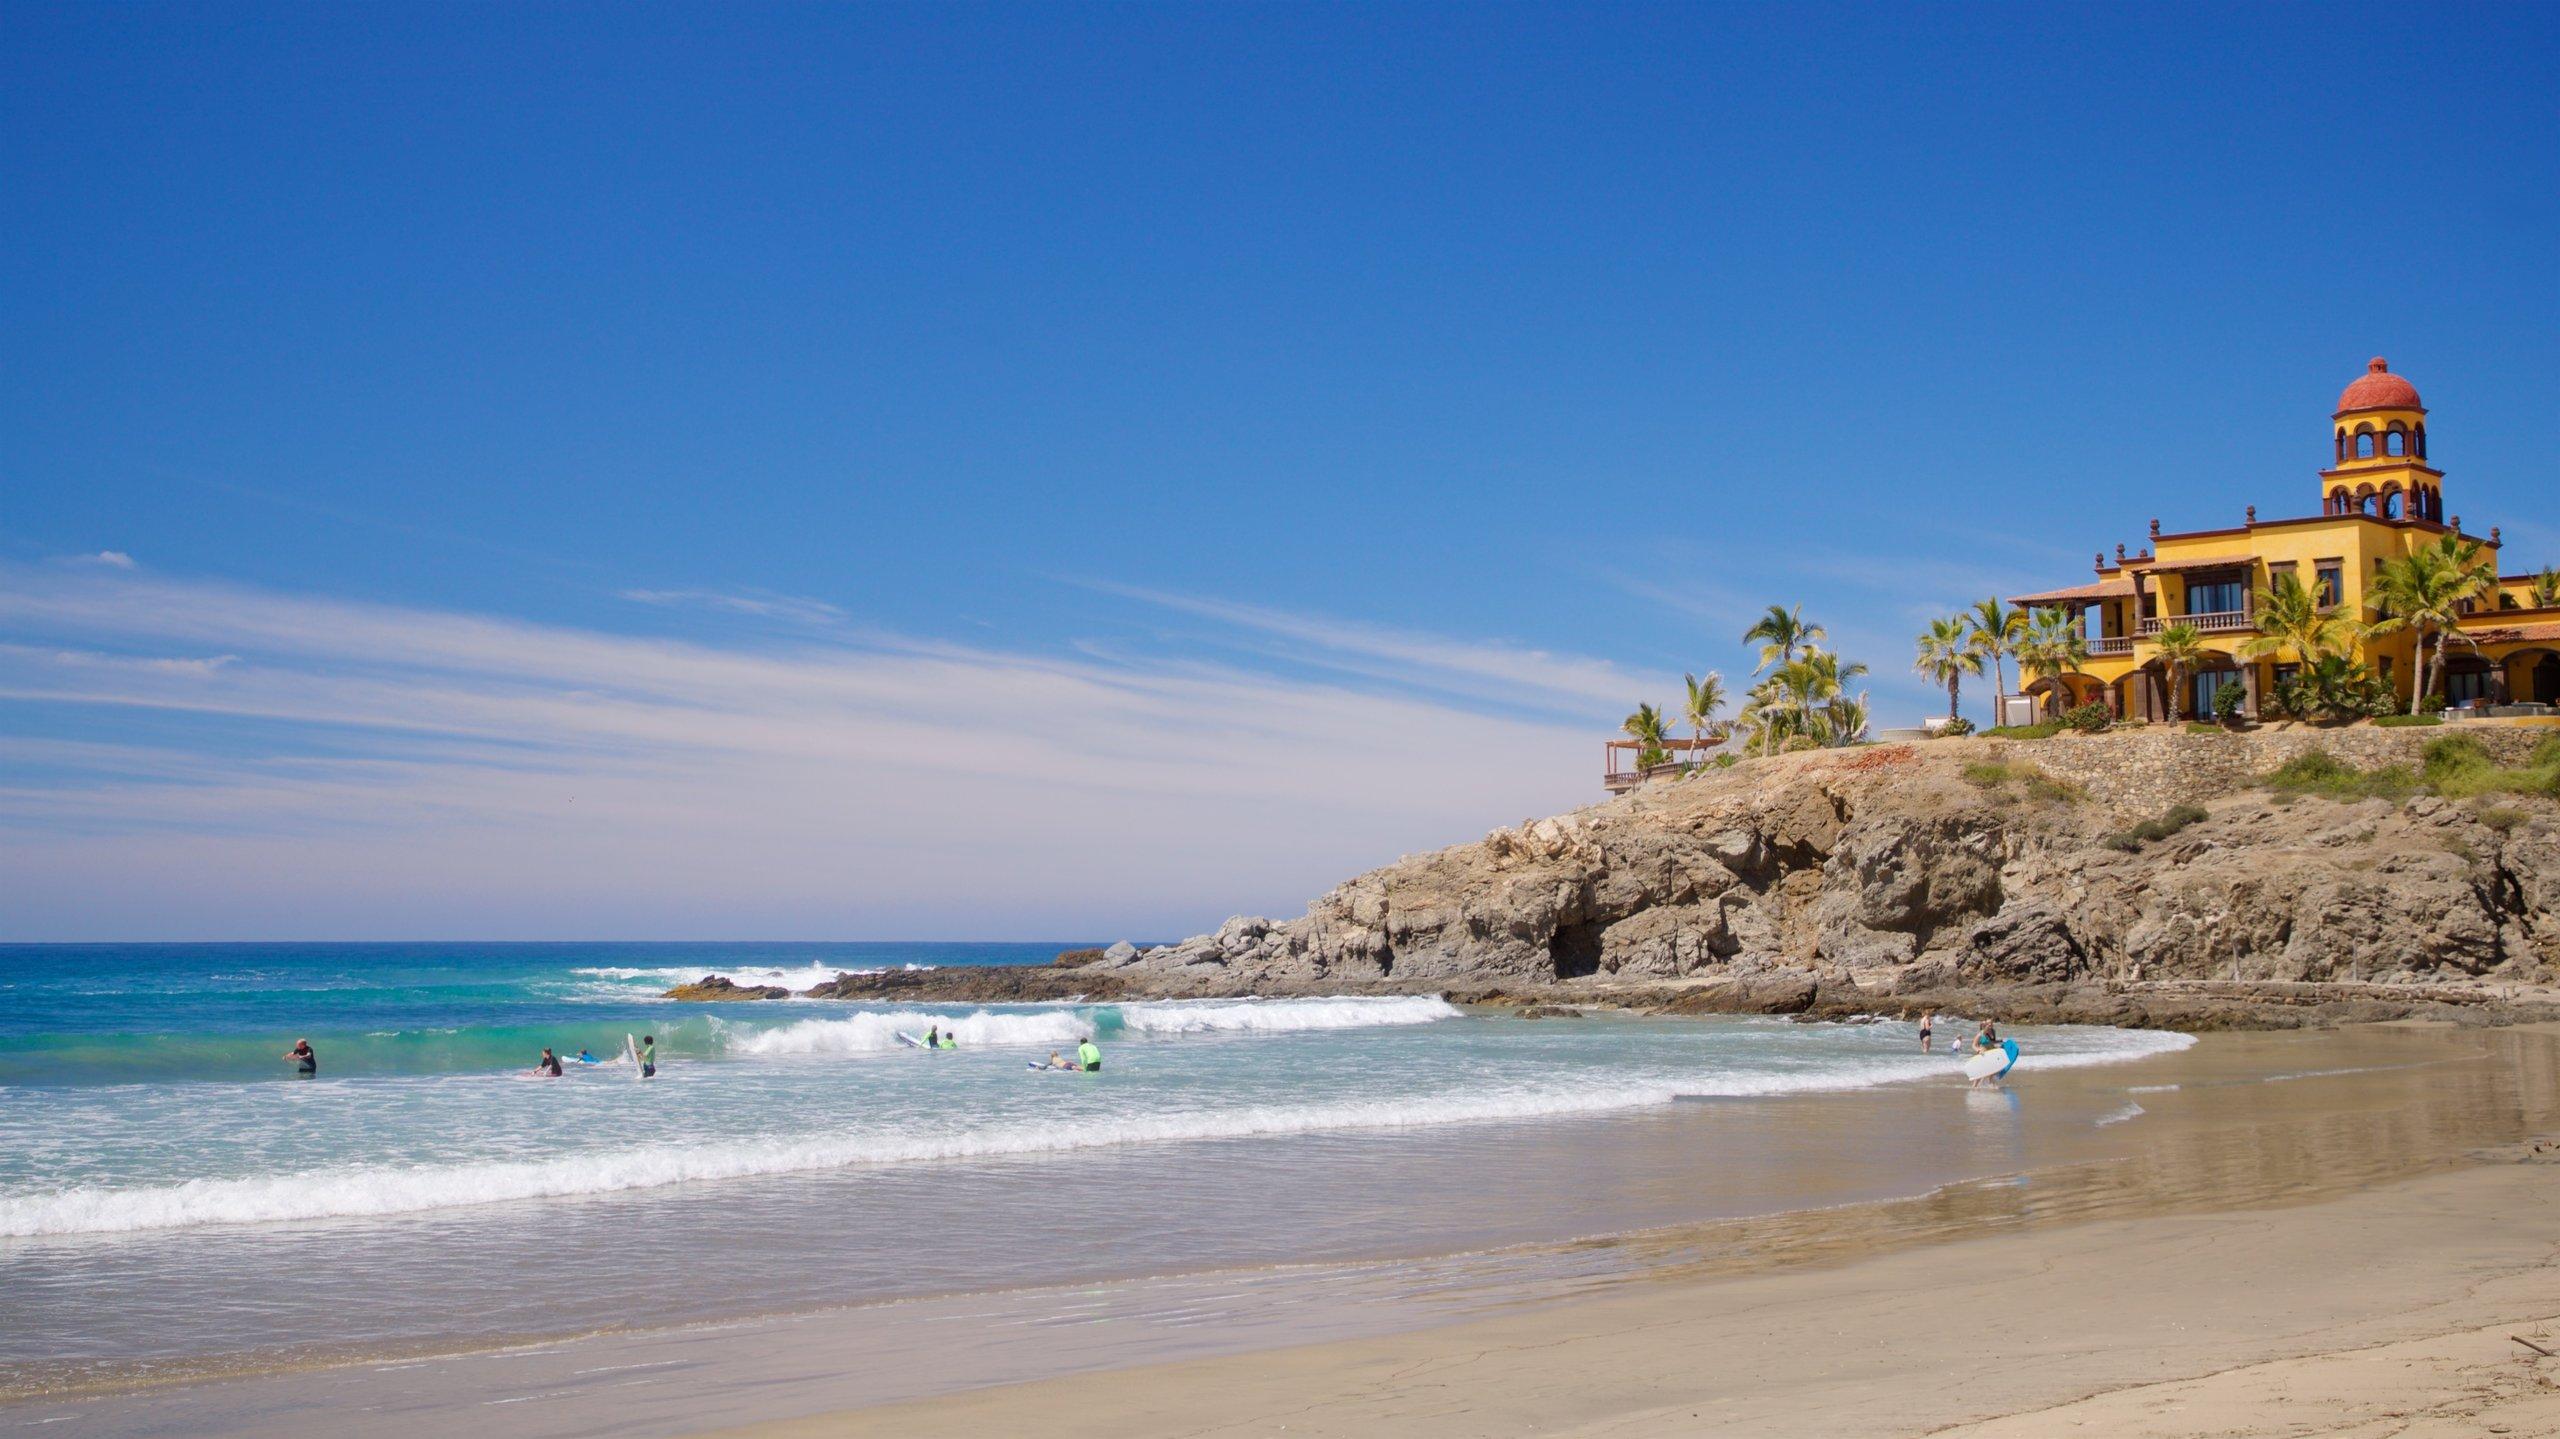 Los Cerritos Beach, El Pescadero, Mexico